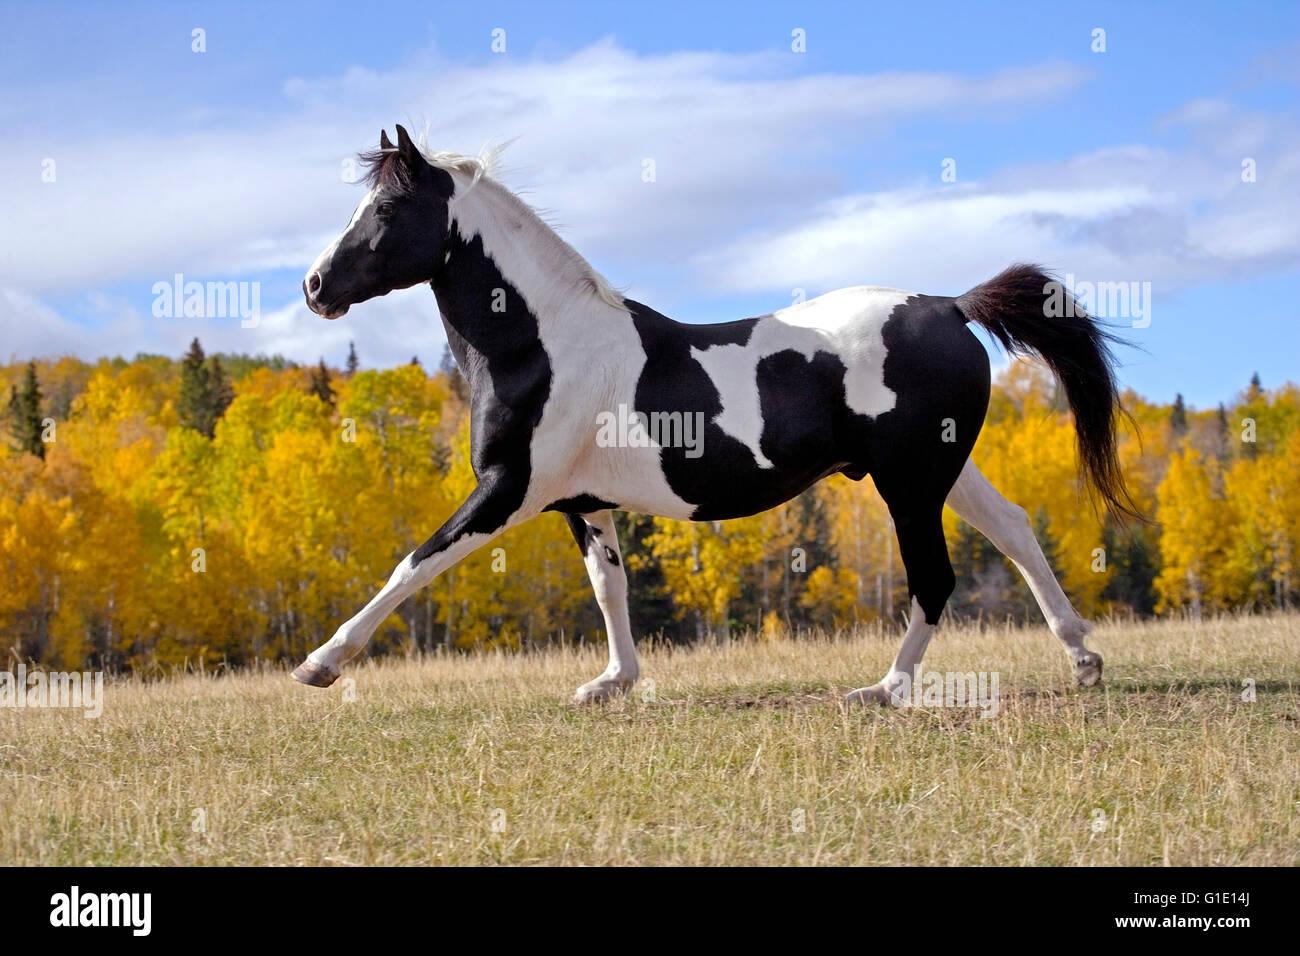 Blanco y negro semental Tobiano Pinto ejecutando en pradera con árboles en colores de otoño Foto de stock